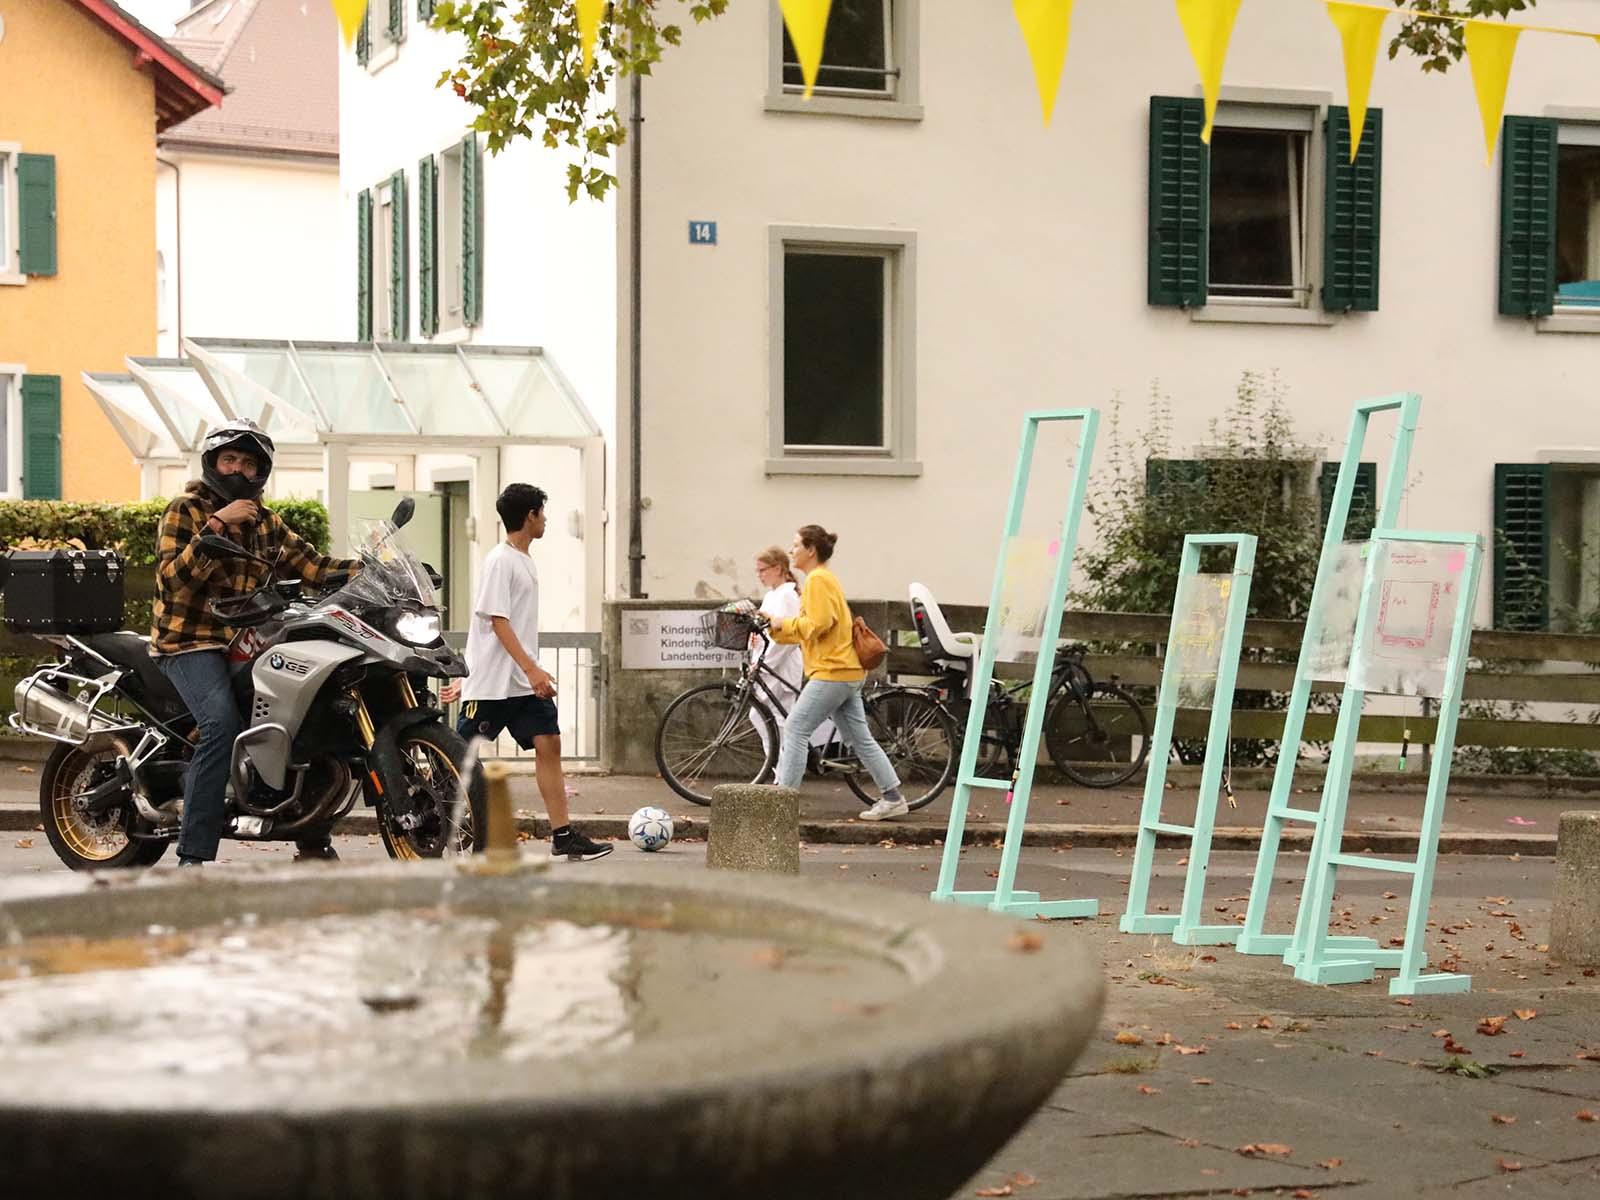 Welche Anforderungen haben die Anwohner*innen an bereits bestehende Begegnungszonen? Dies wurde im Rahmen des Pilotprojekts «Begegnen, bewegen, belegen in Quartieren von Bern und Zürich» am Beispiel um den Landebergpark eruiert.